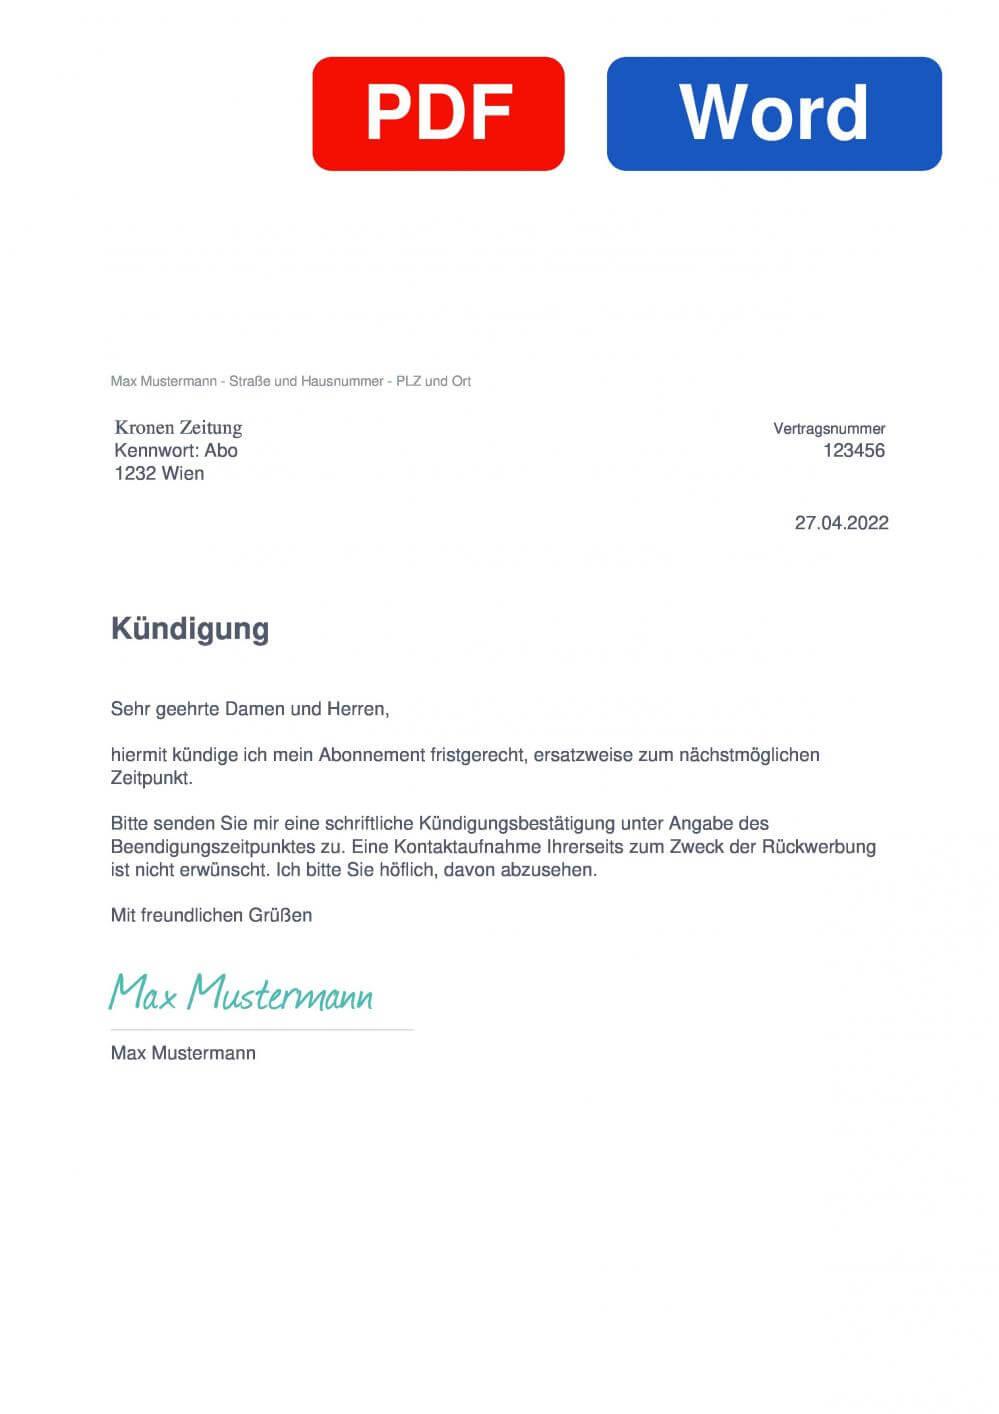 Kronen Zeitung Muster Vorlage für Kündigungsschreiben